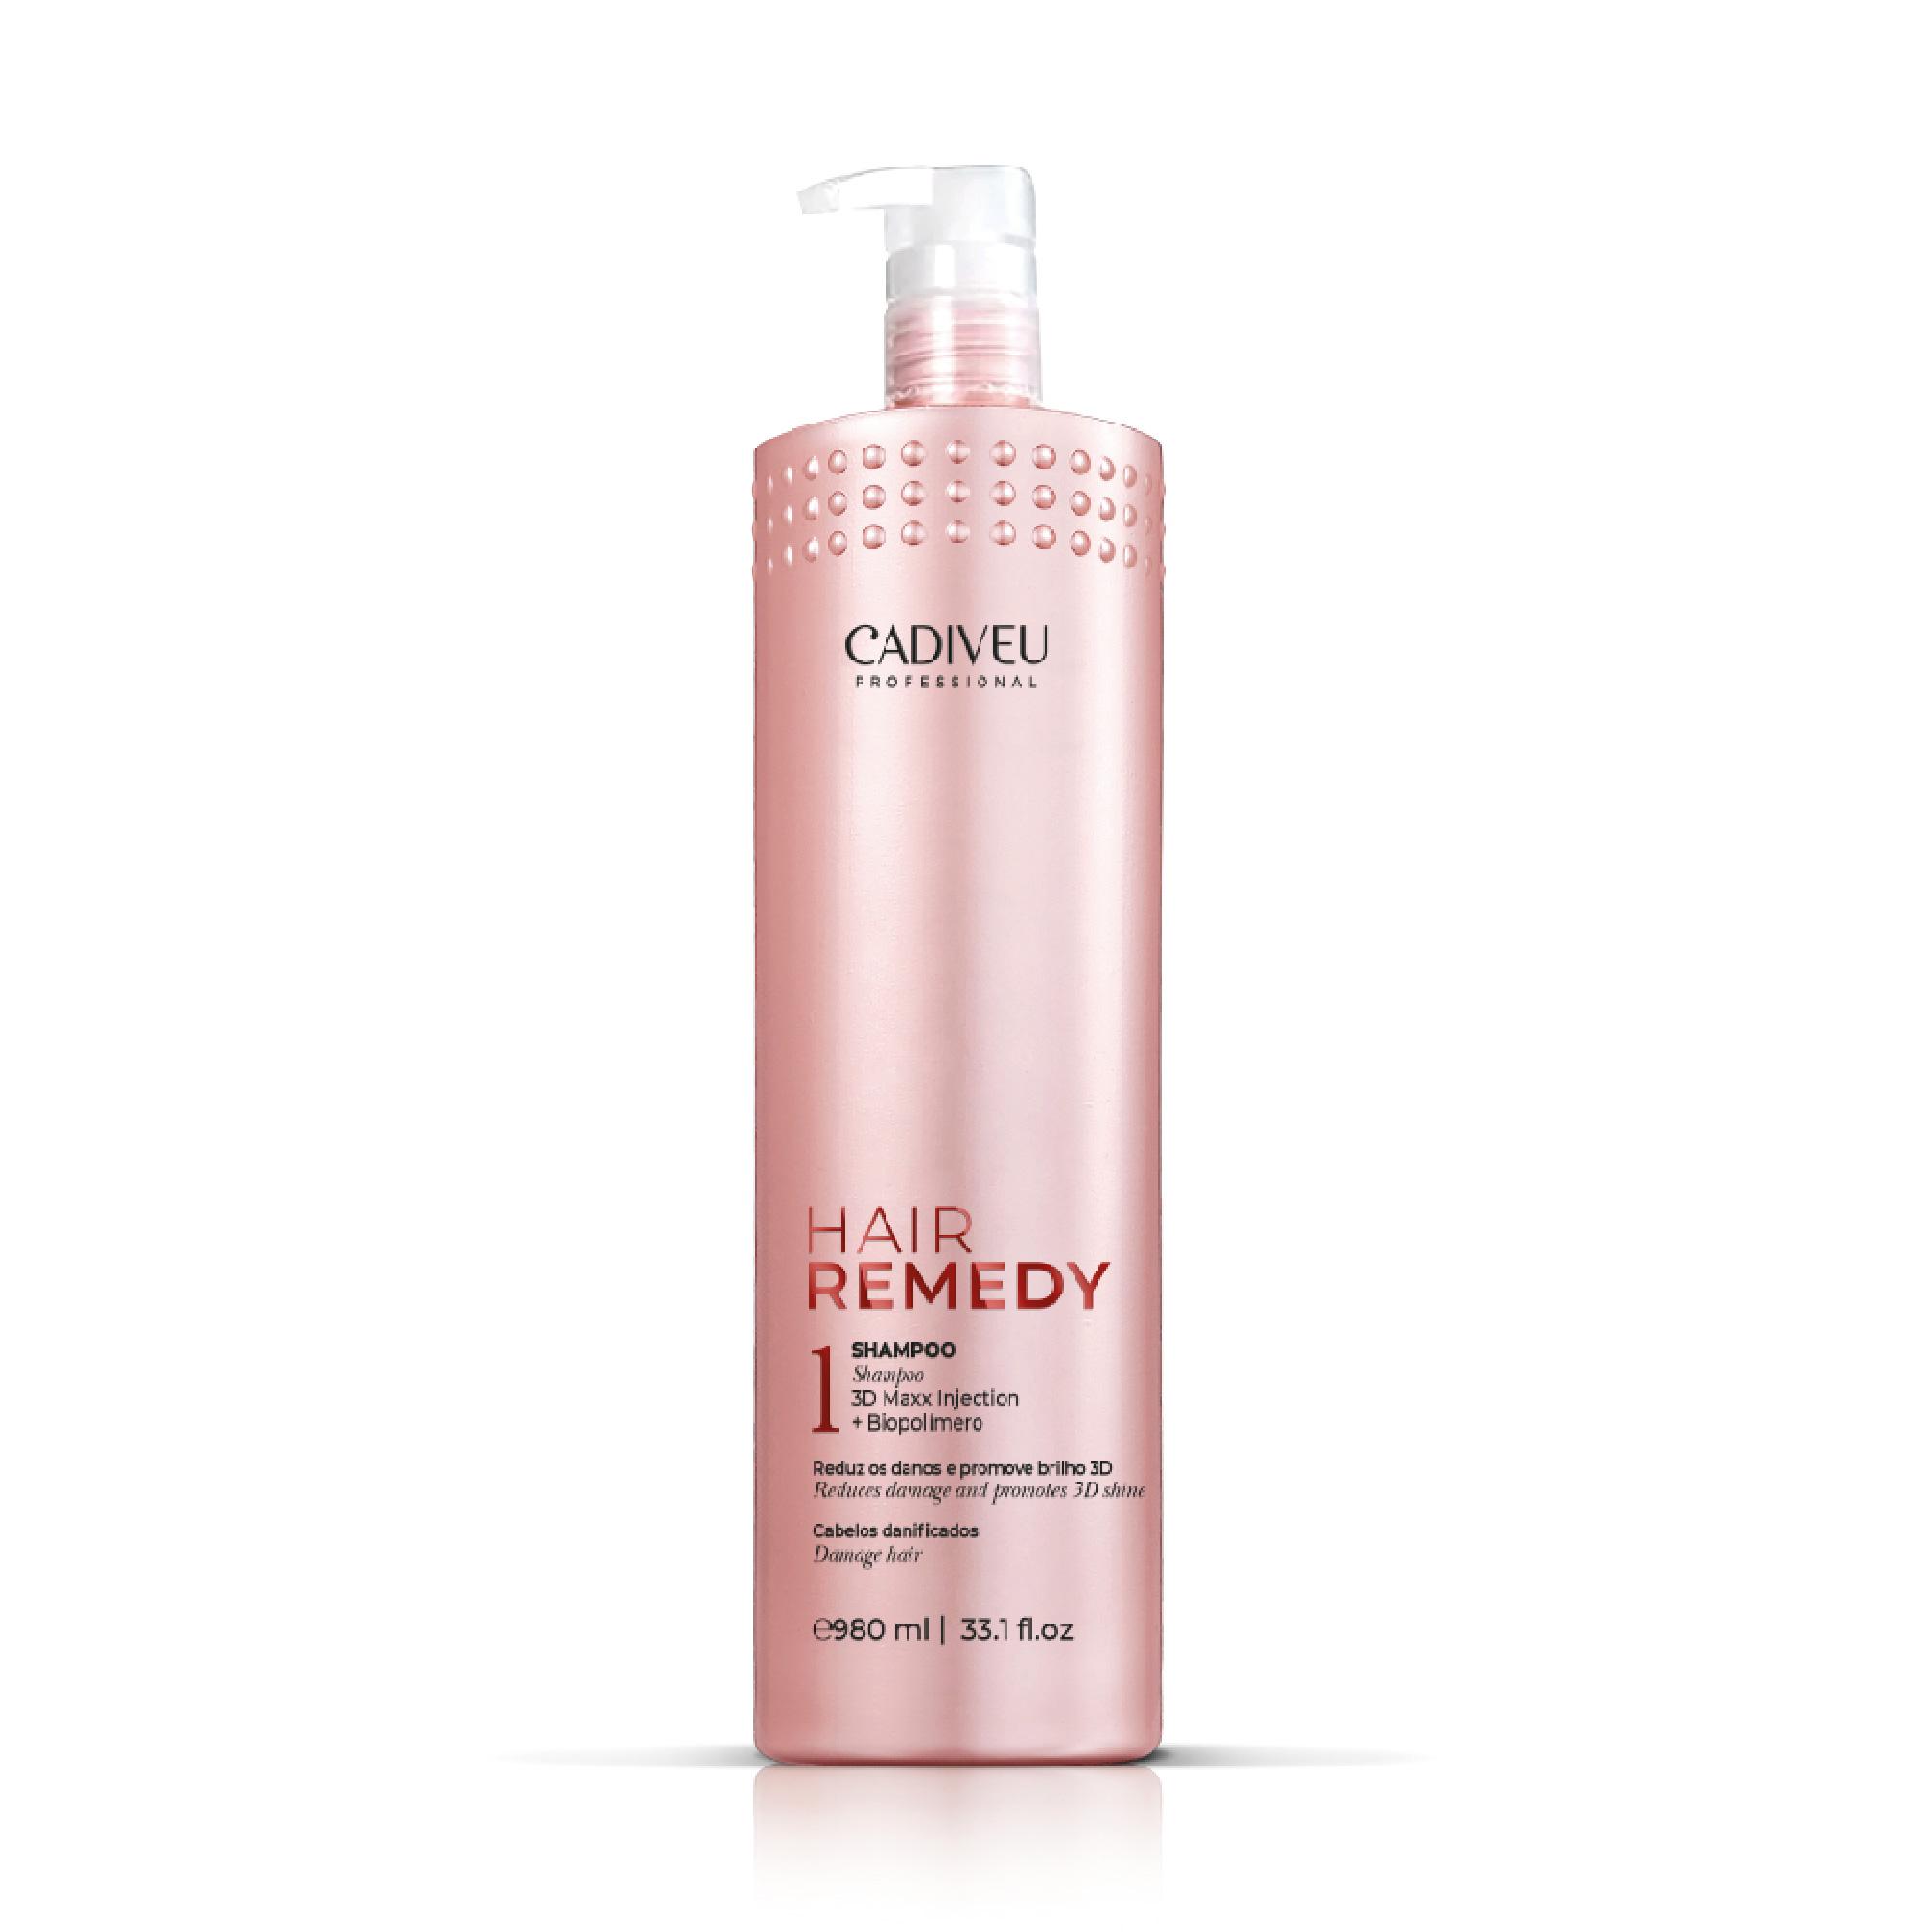 Shampoo 980ml e Condicionador 980ml